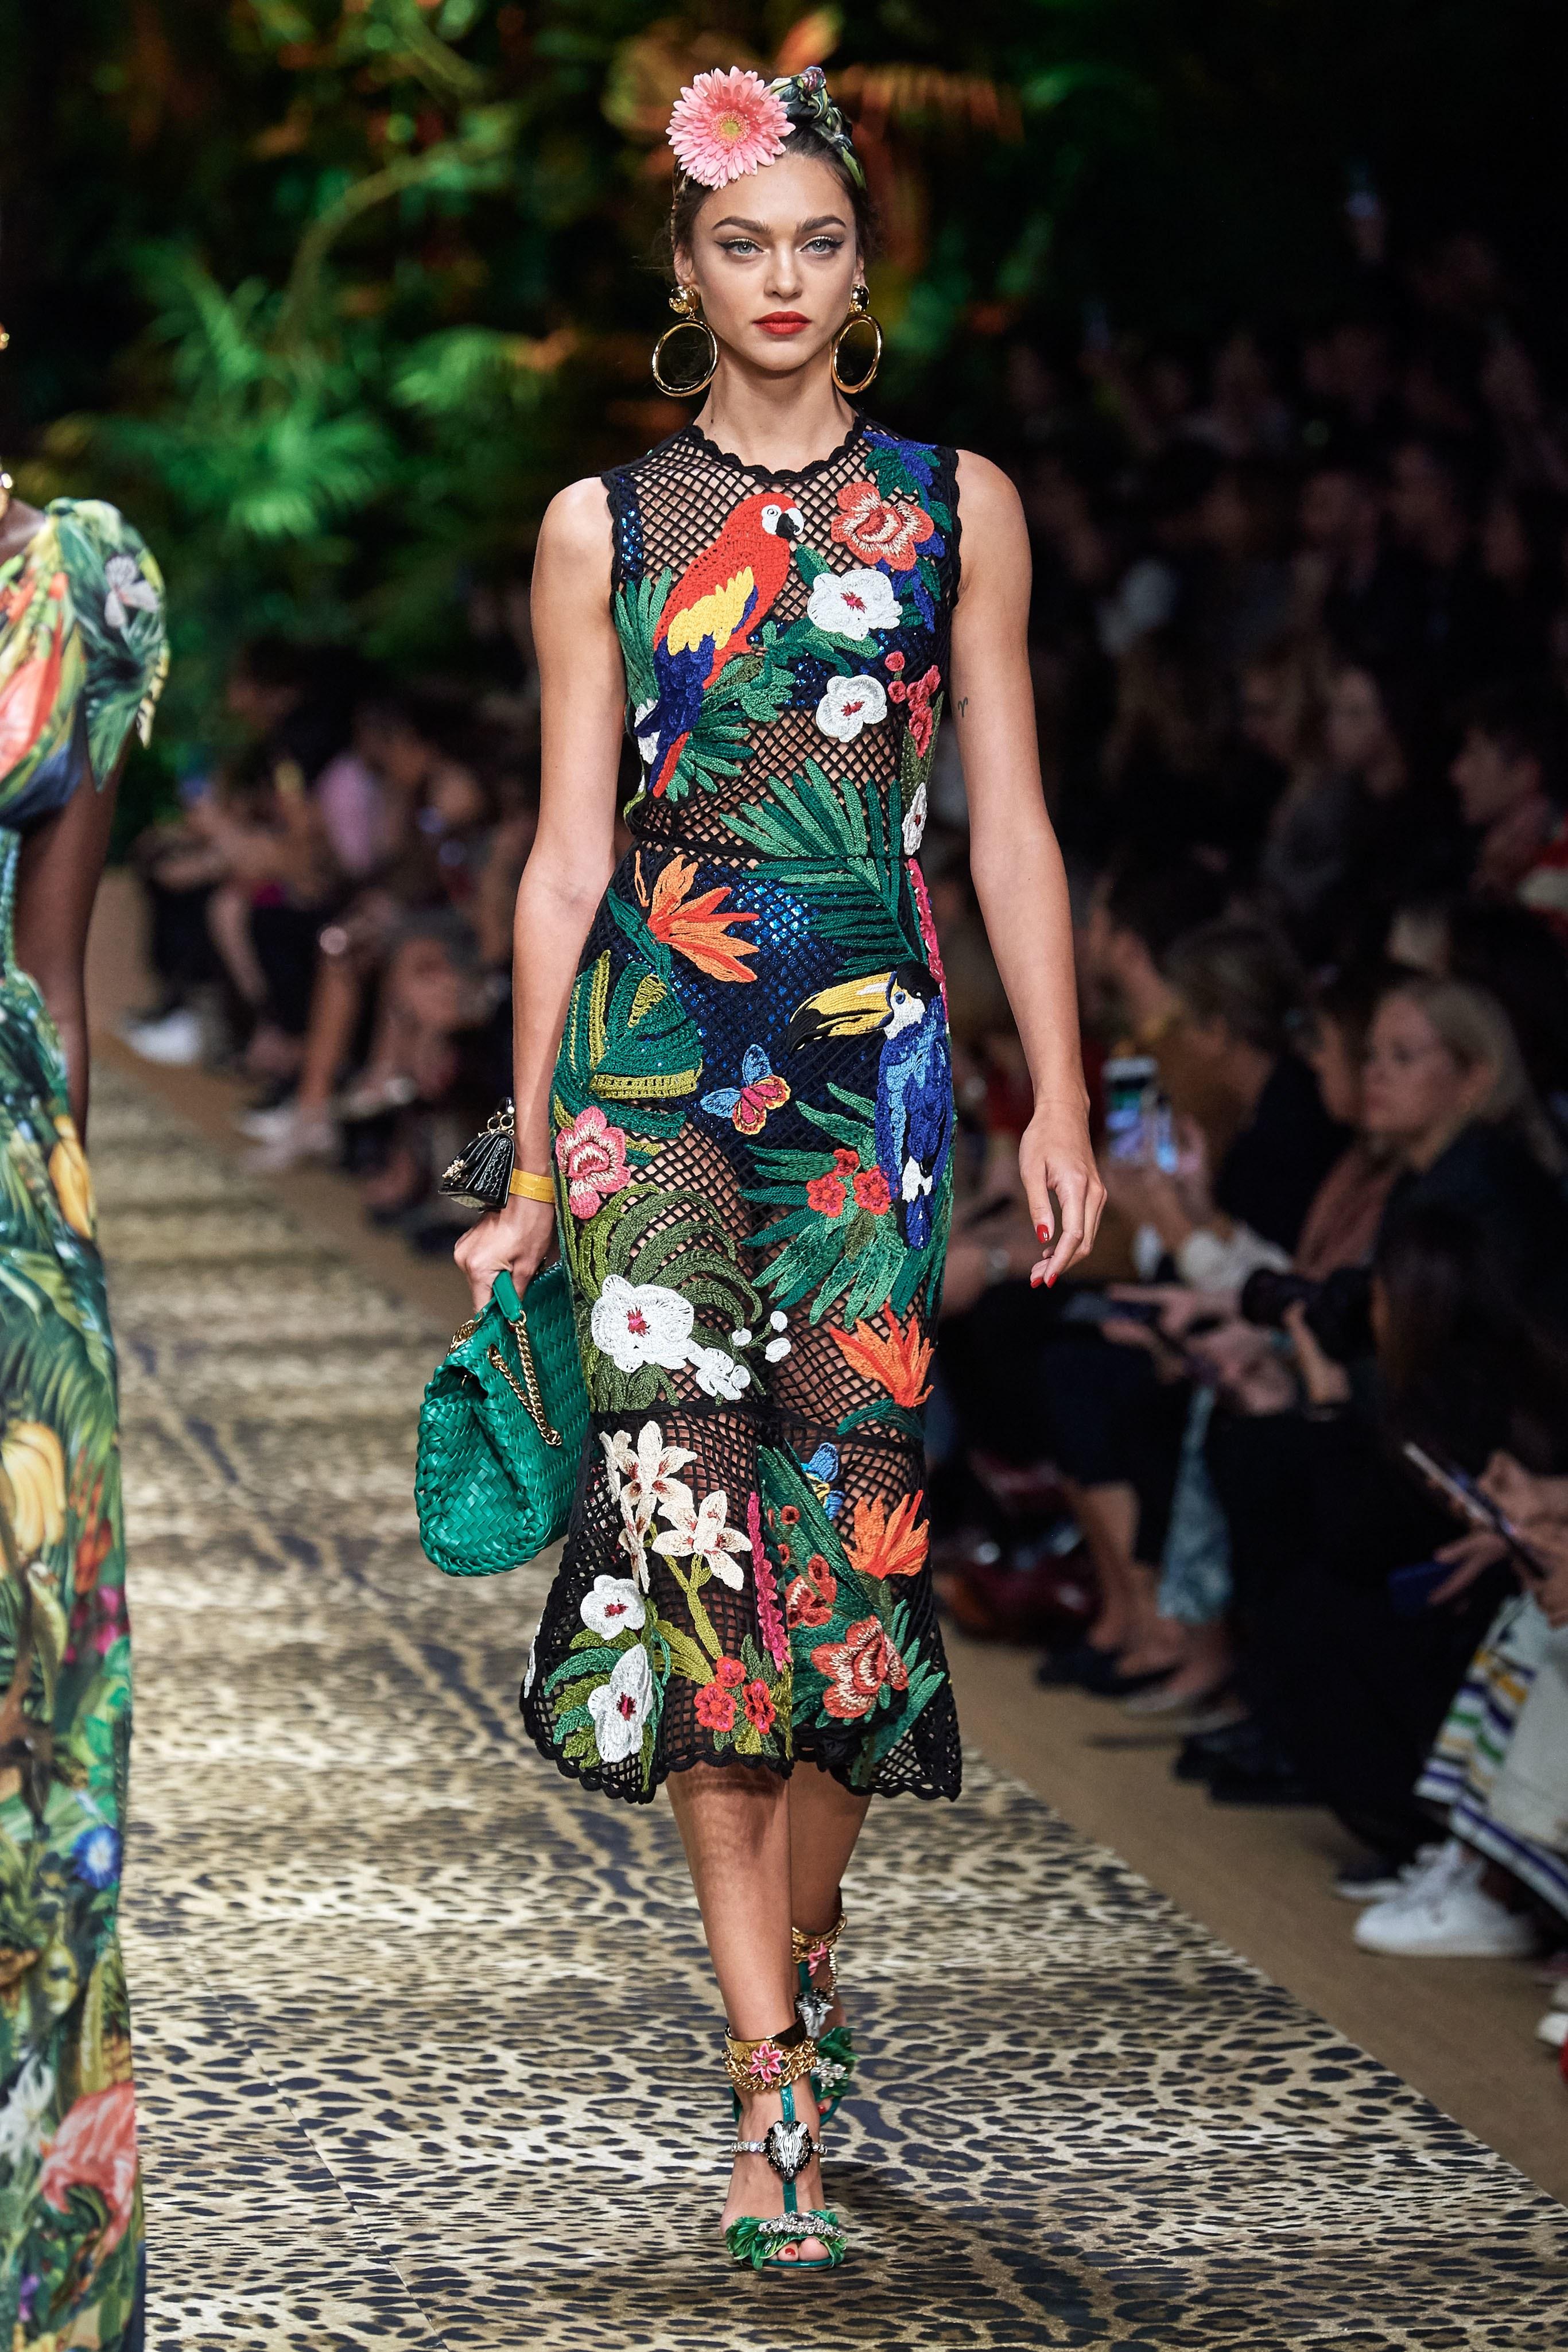 Thiết kế đan móc lấy cảm hứng nhiệt đới từ BST Xuân - Hè 2020 của Dolce & Gabbana